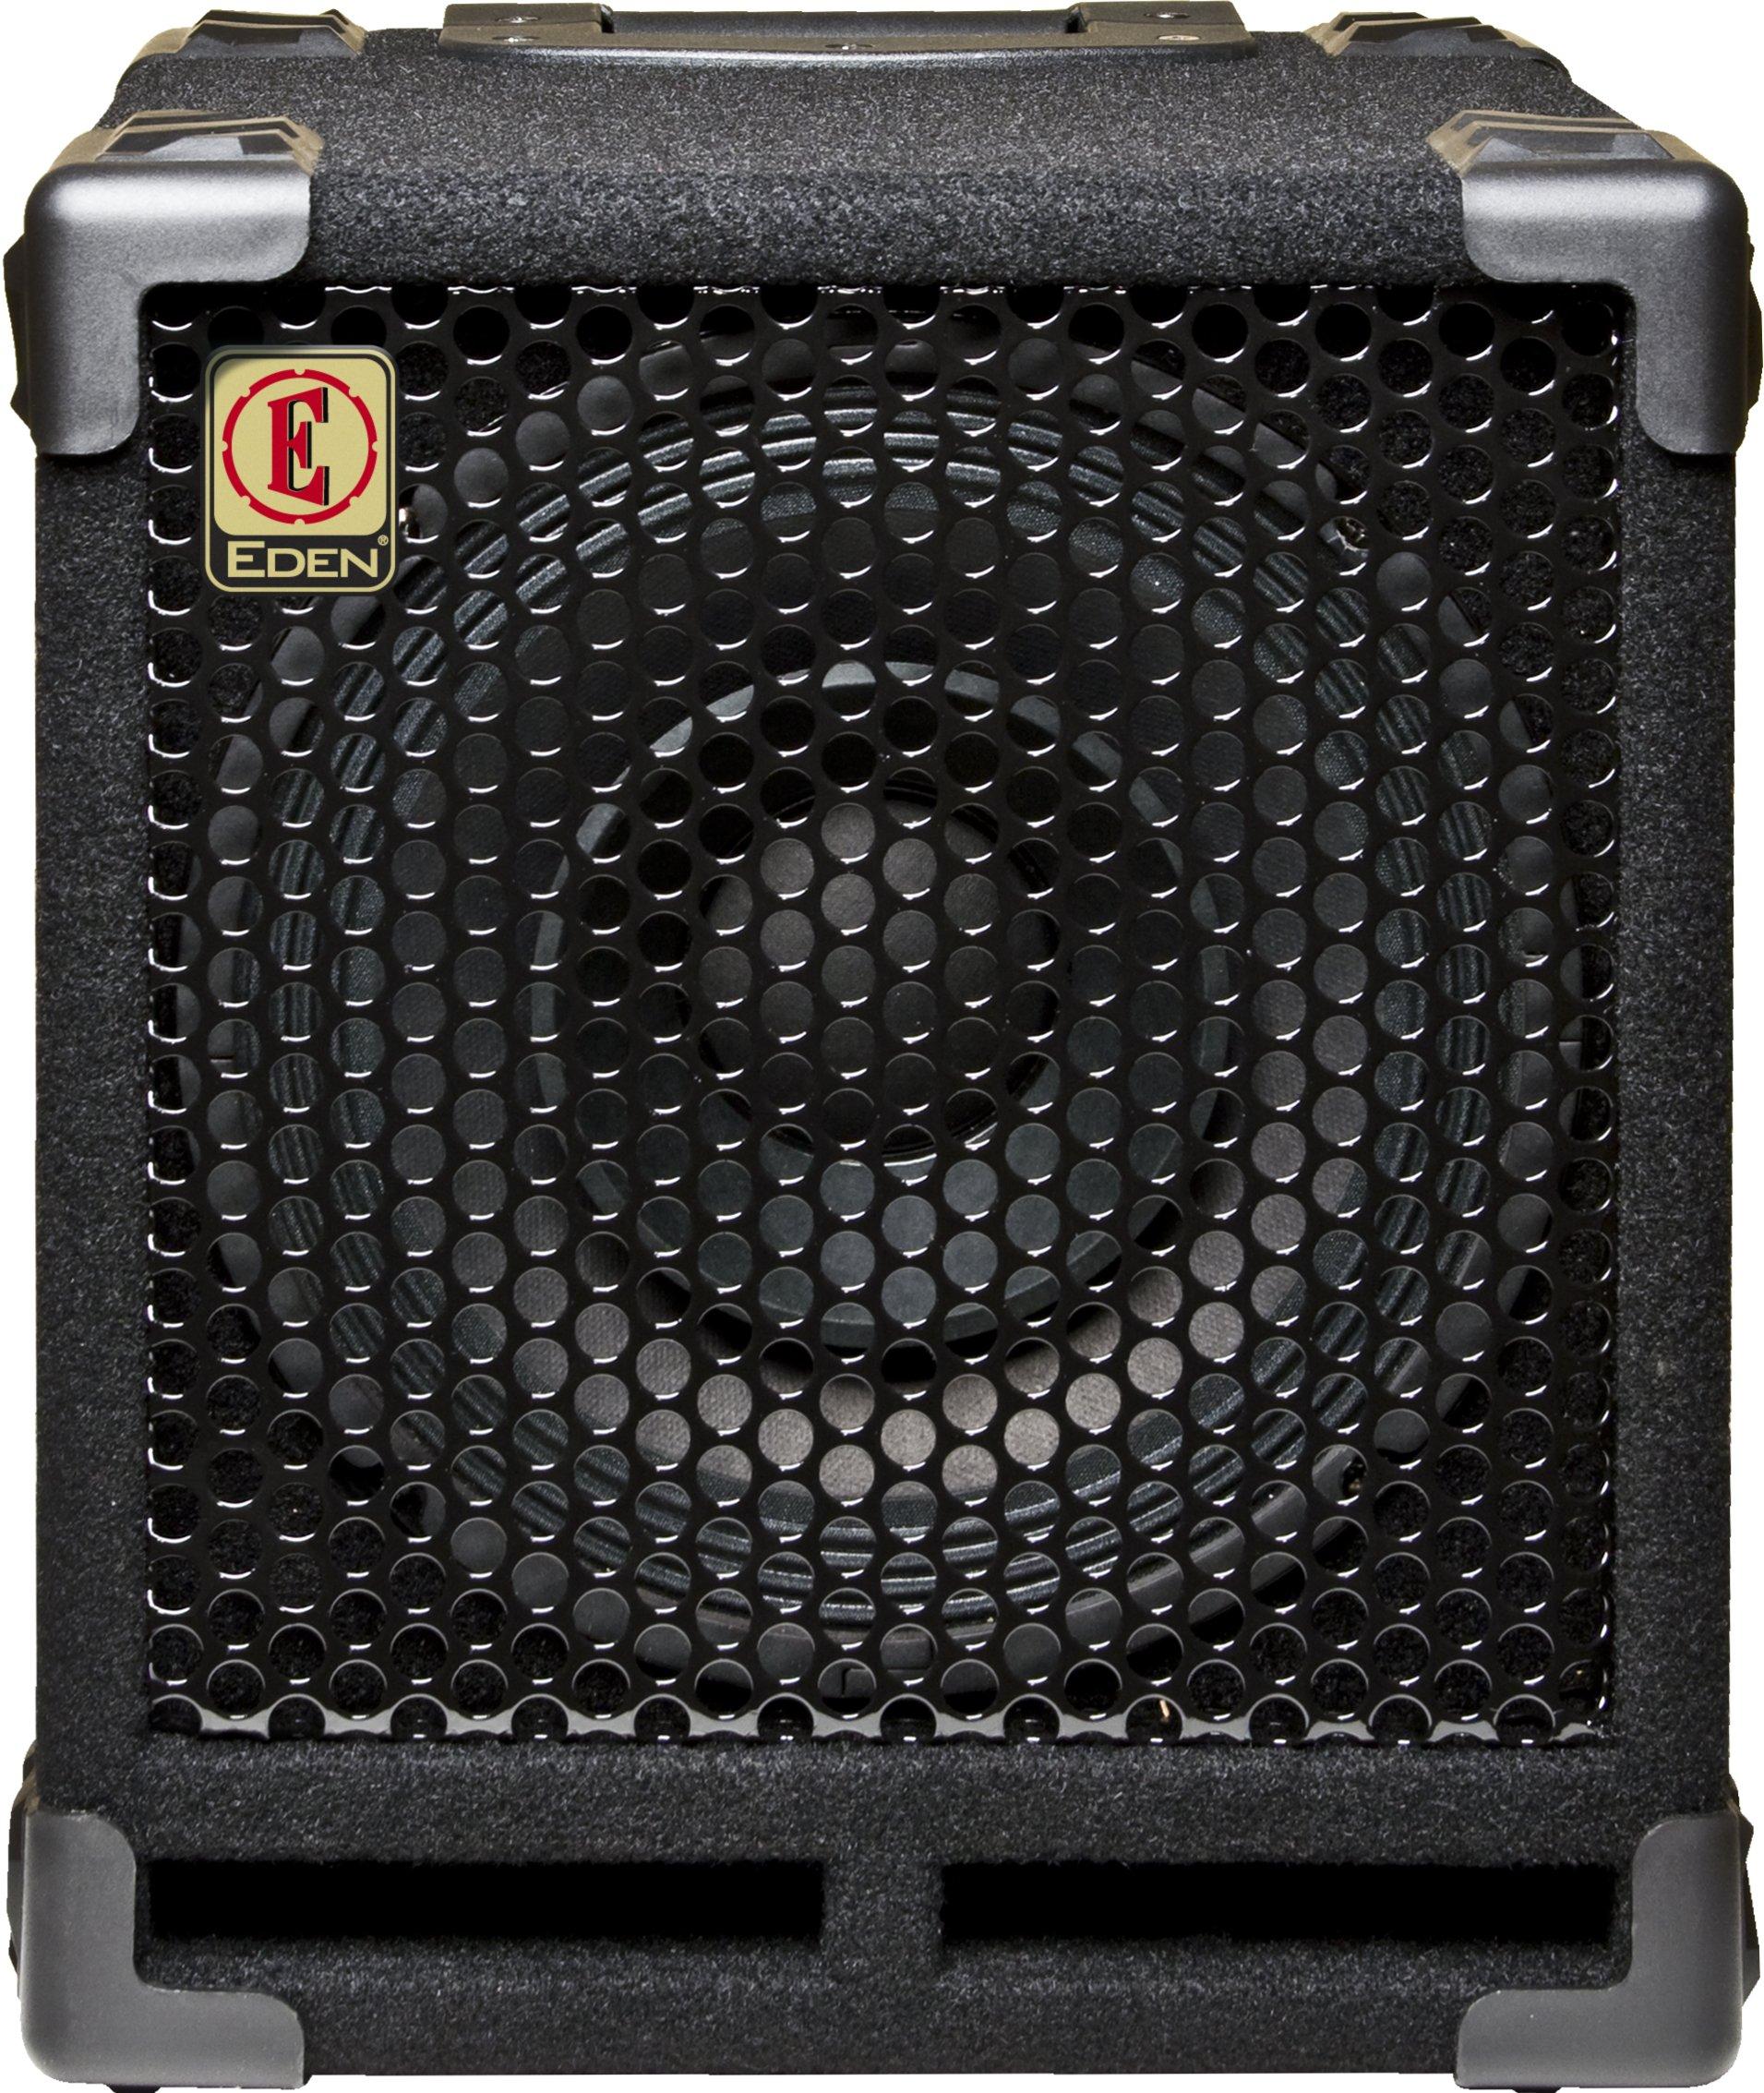 Eden USM-EX110-8-U EX Series Bass Cabinet by Eden